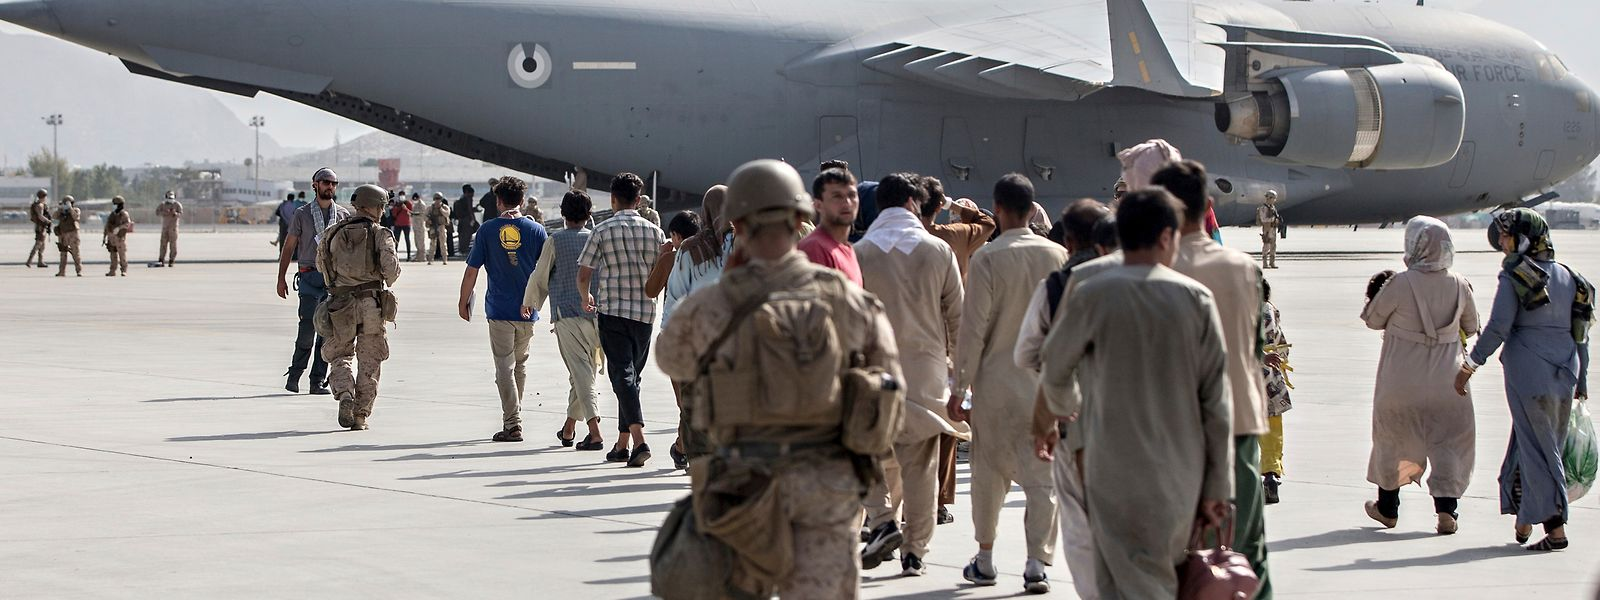 L'A400M belgo-luxembourgeois a quitté lundi en fin de matinée l'aéroport d'Islamabad vers la Belgique. A son bord, 93 ressortissants et résidents européens rapatriés d'Afghanistan.